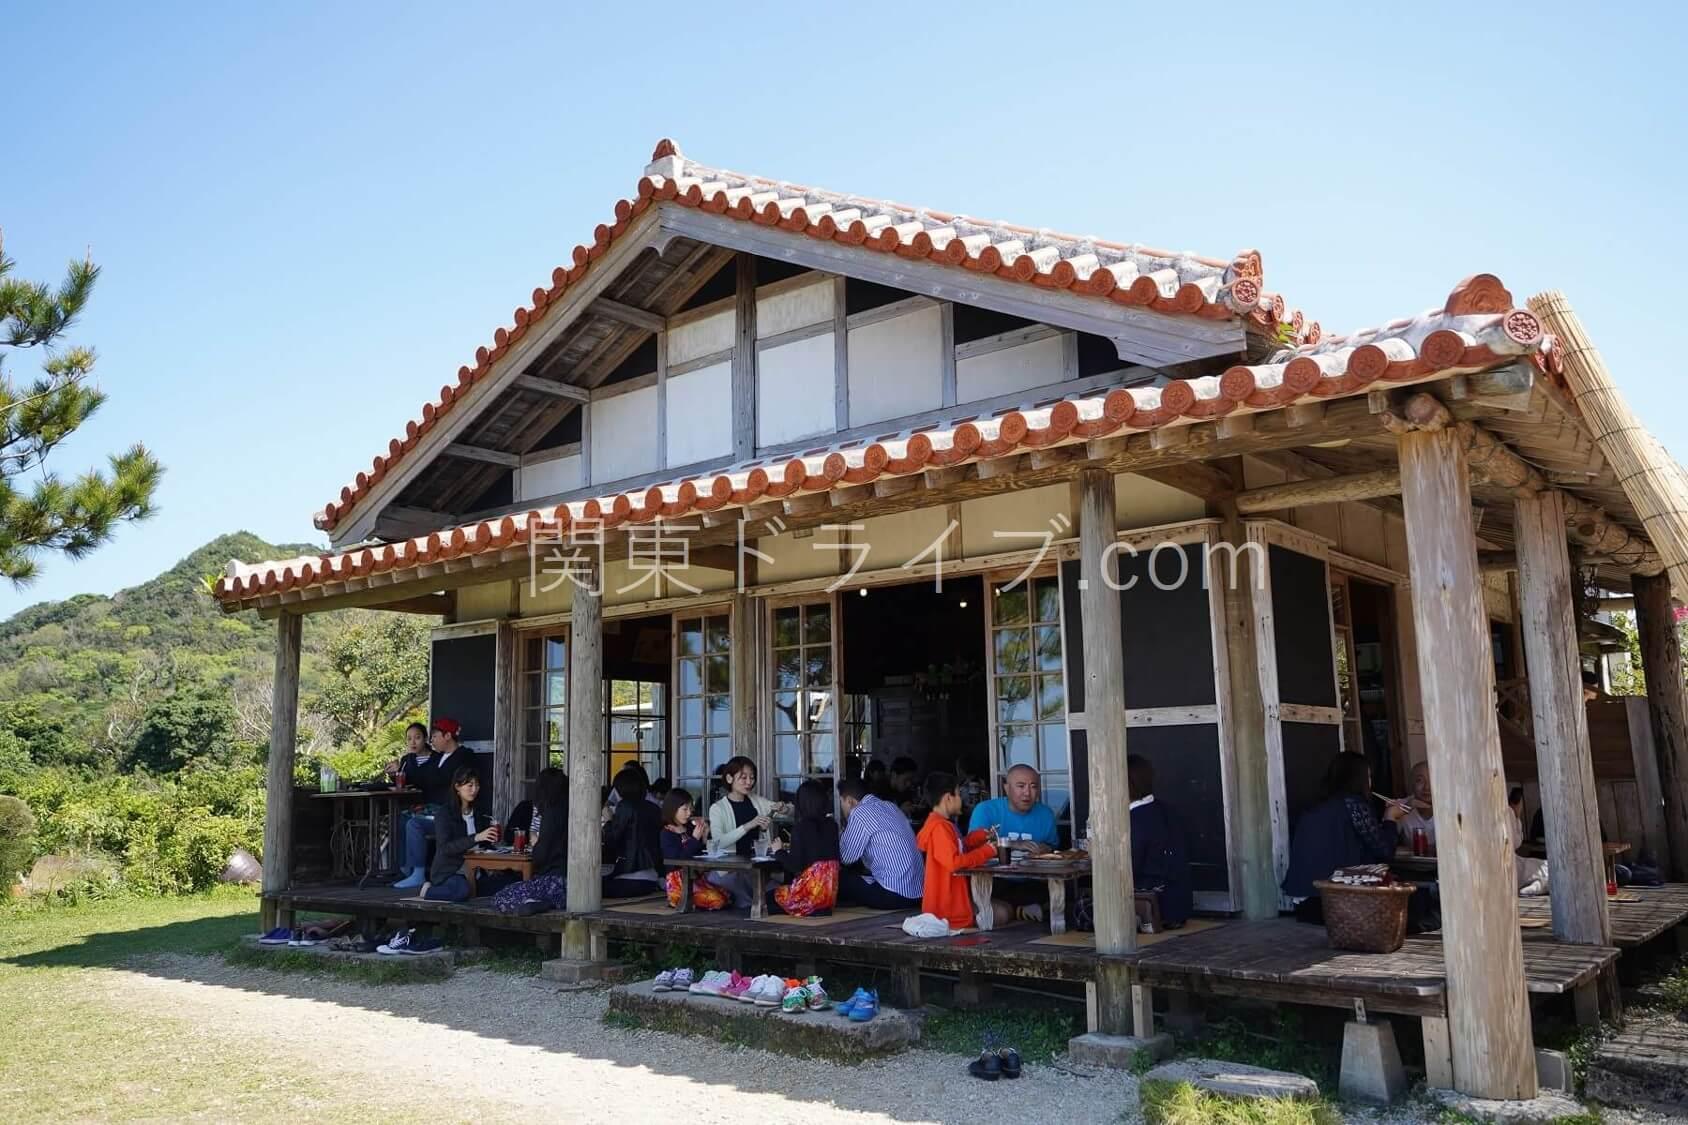 沖縄の絶景ピザ喫茶「花人逢」の外観1